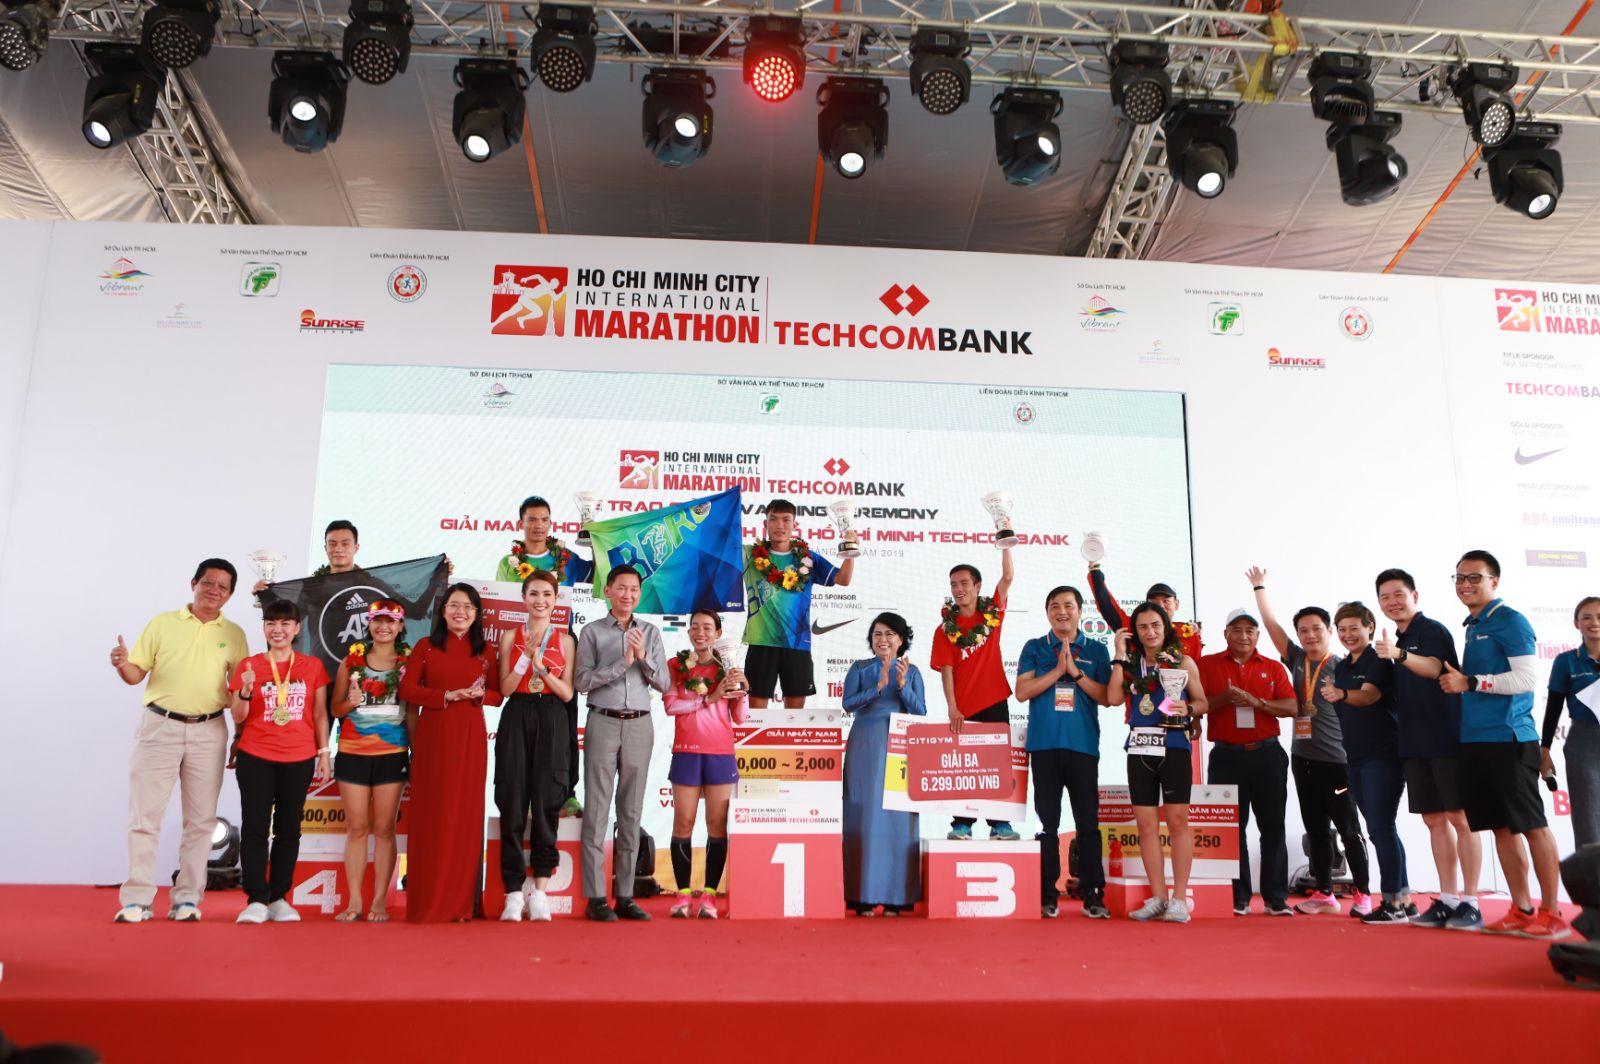 """Hành trình lan tỏa """"vượt trội hơn mỗi ngày"""" cùng giải Marathon Quốc tế TP. HCM Techcombank 2019  - Ảnh 1"""